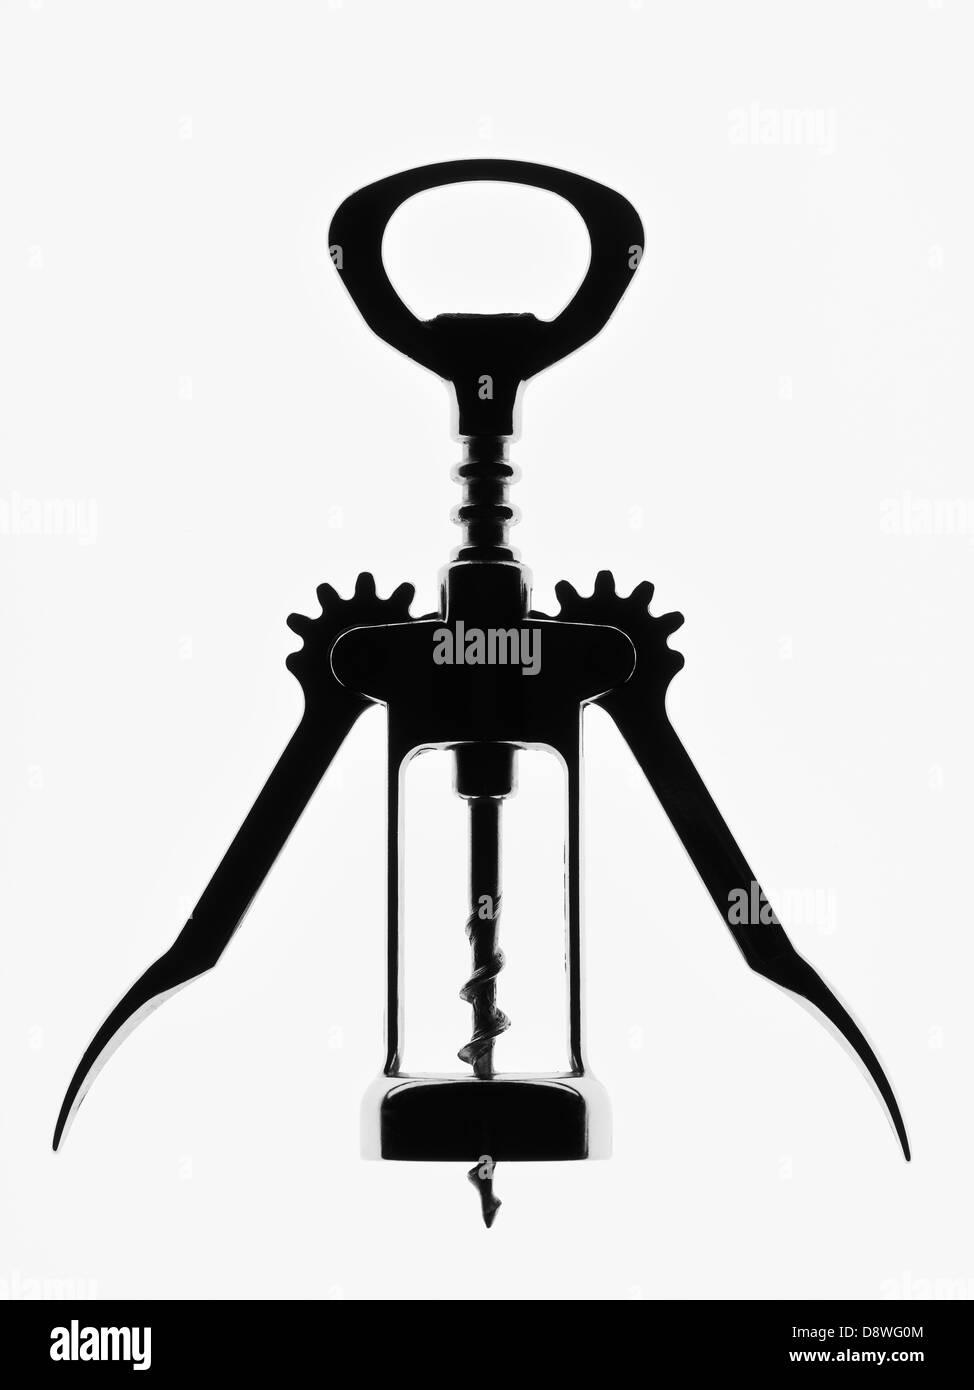 Nahaufnahme eines schwarzen Korkenzieher auf weißem Hintergrund, Studioaufnahme Stockbild